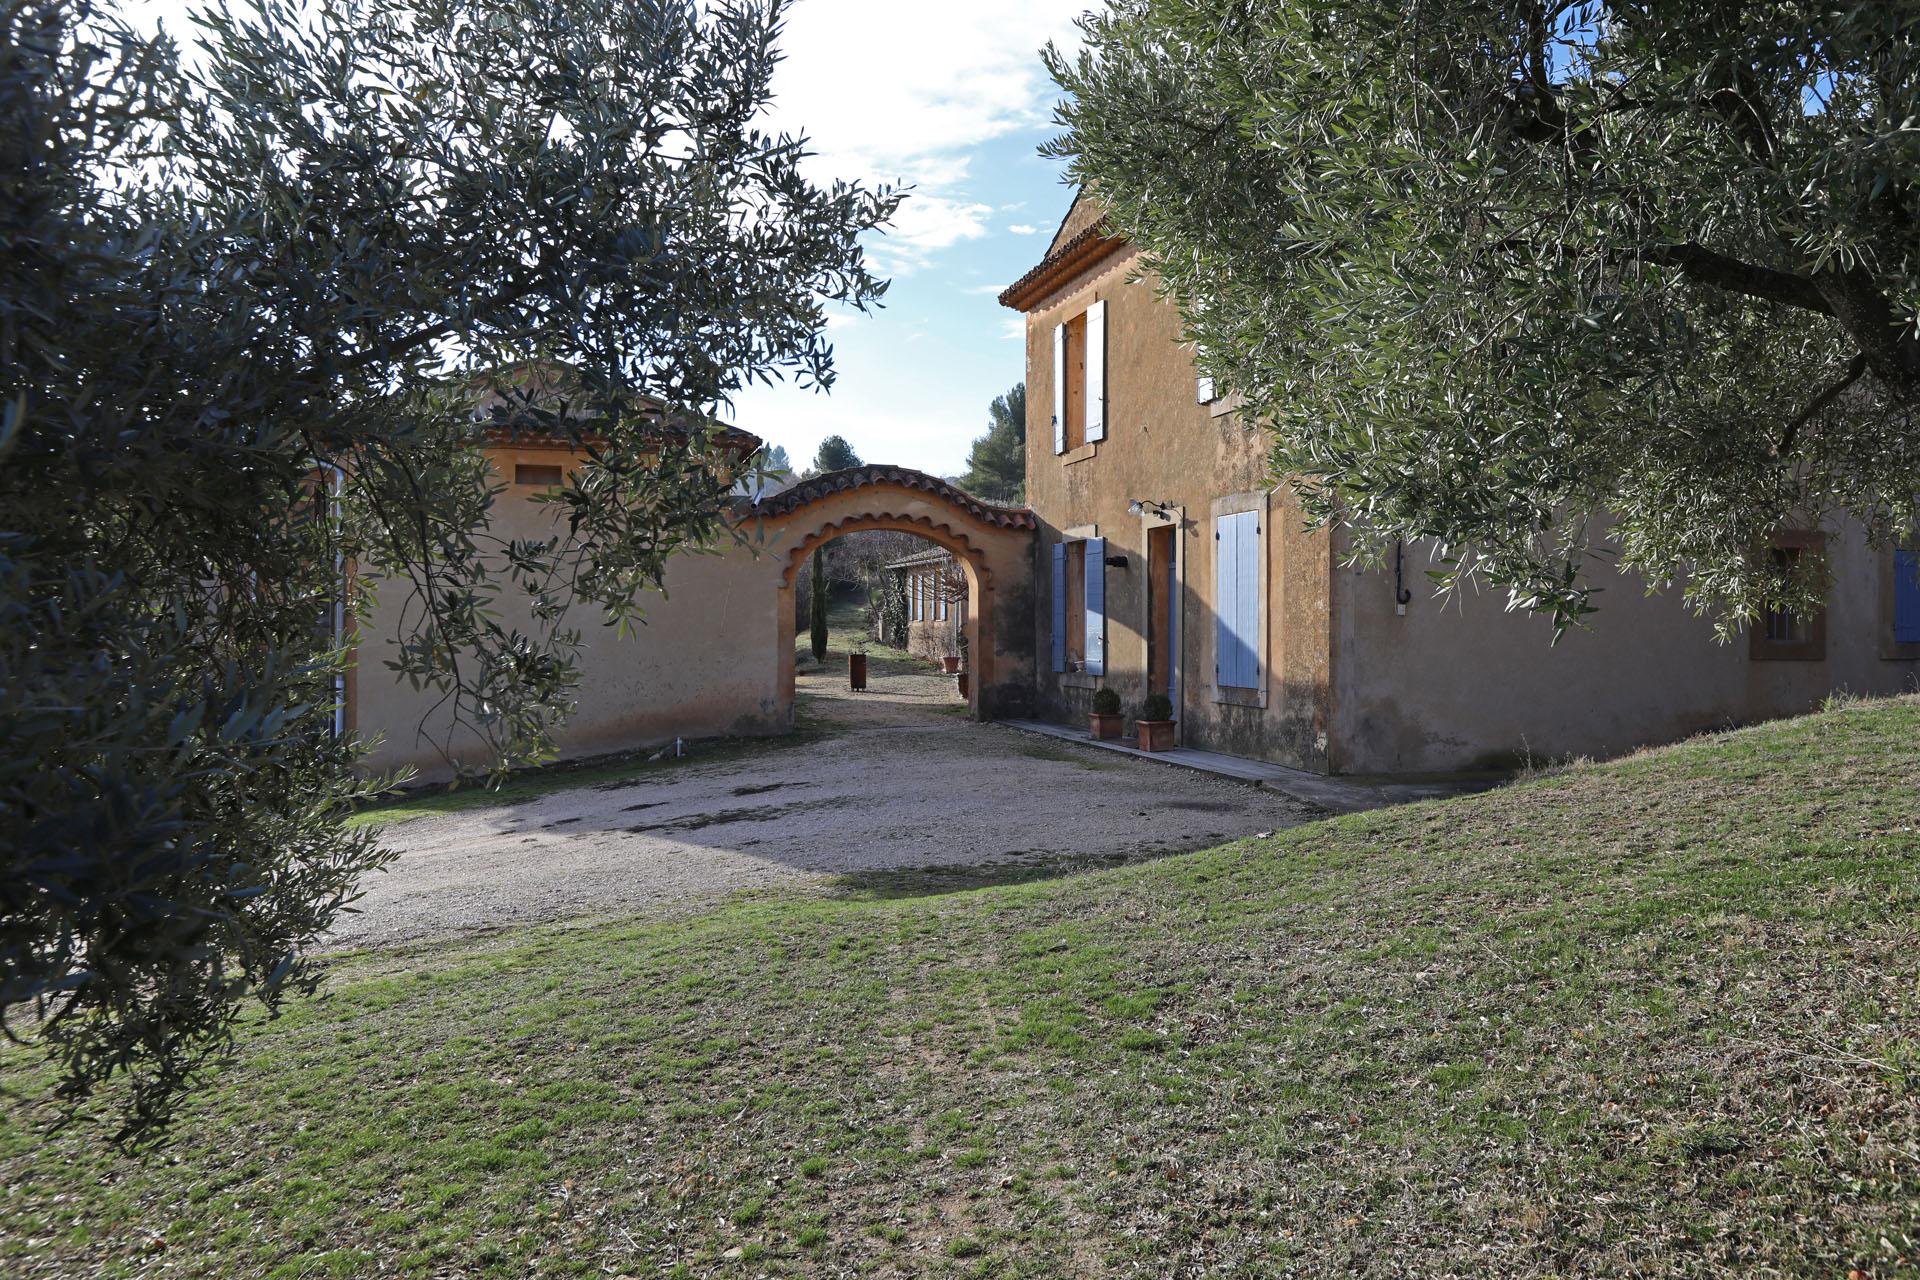 A vendre,  propriété à Apt de 3 bâtiments, 7 chambres et une piscine